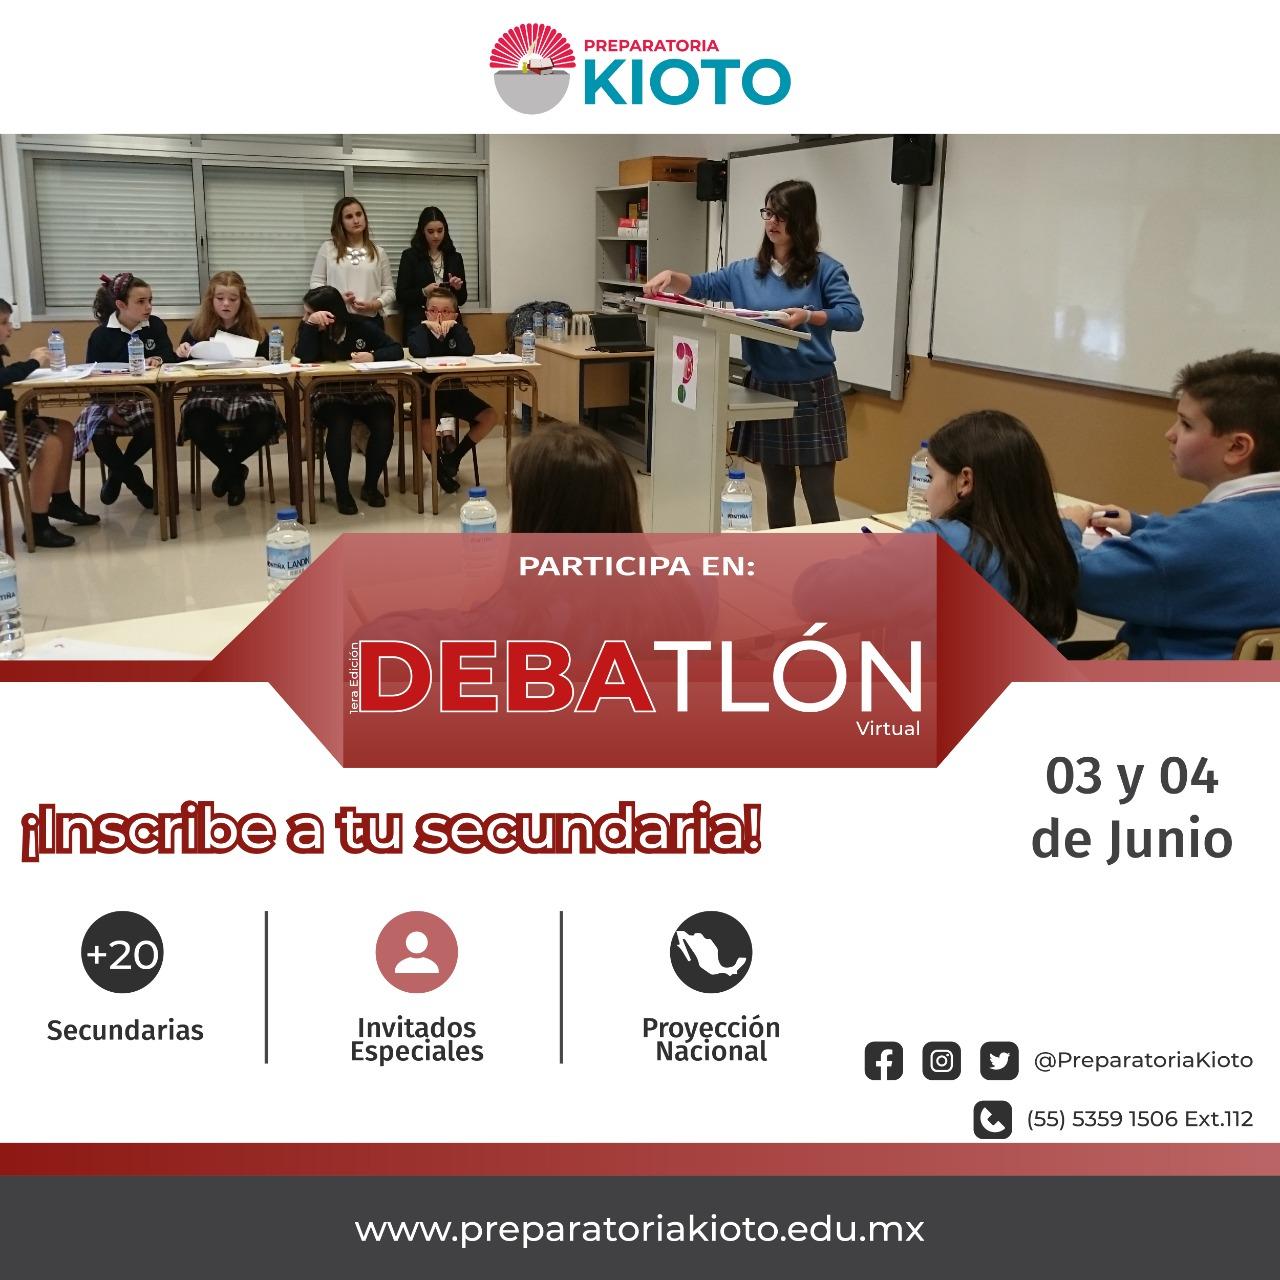 1er Debatlón Preparatoria Kioto